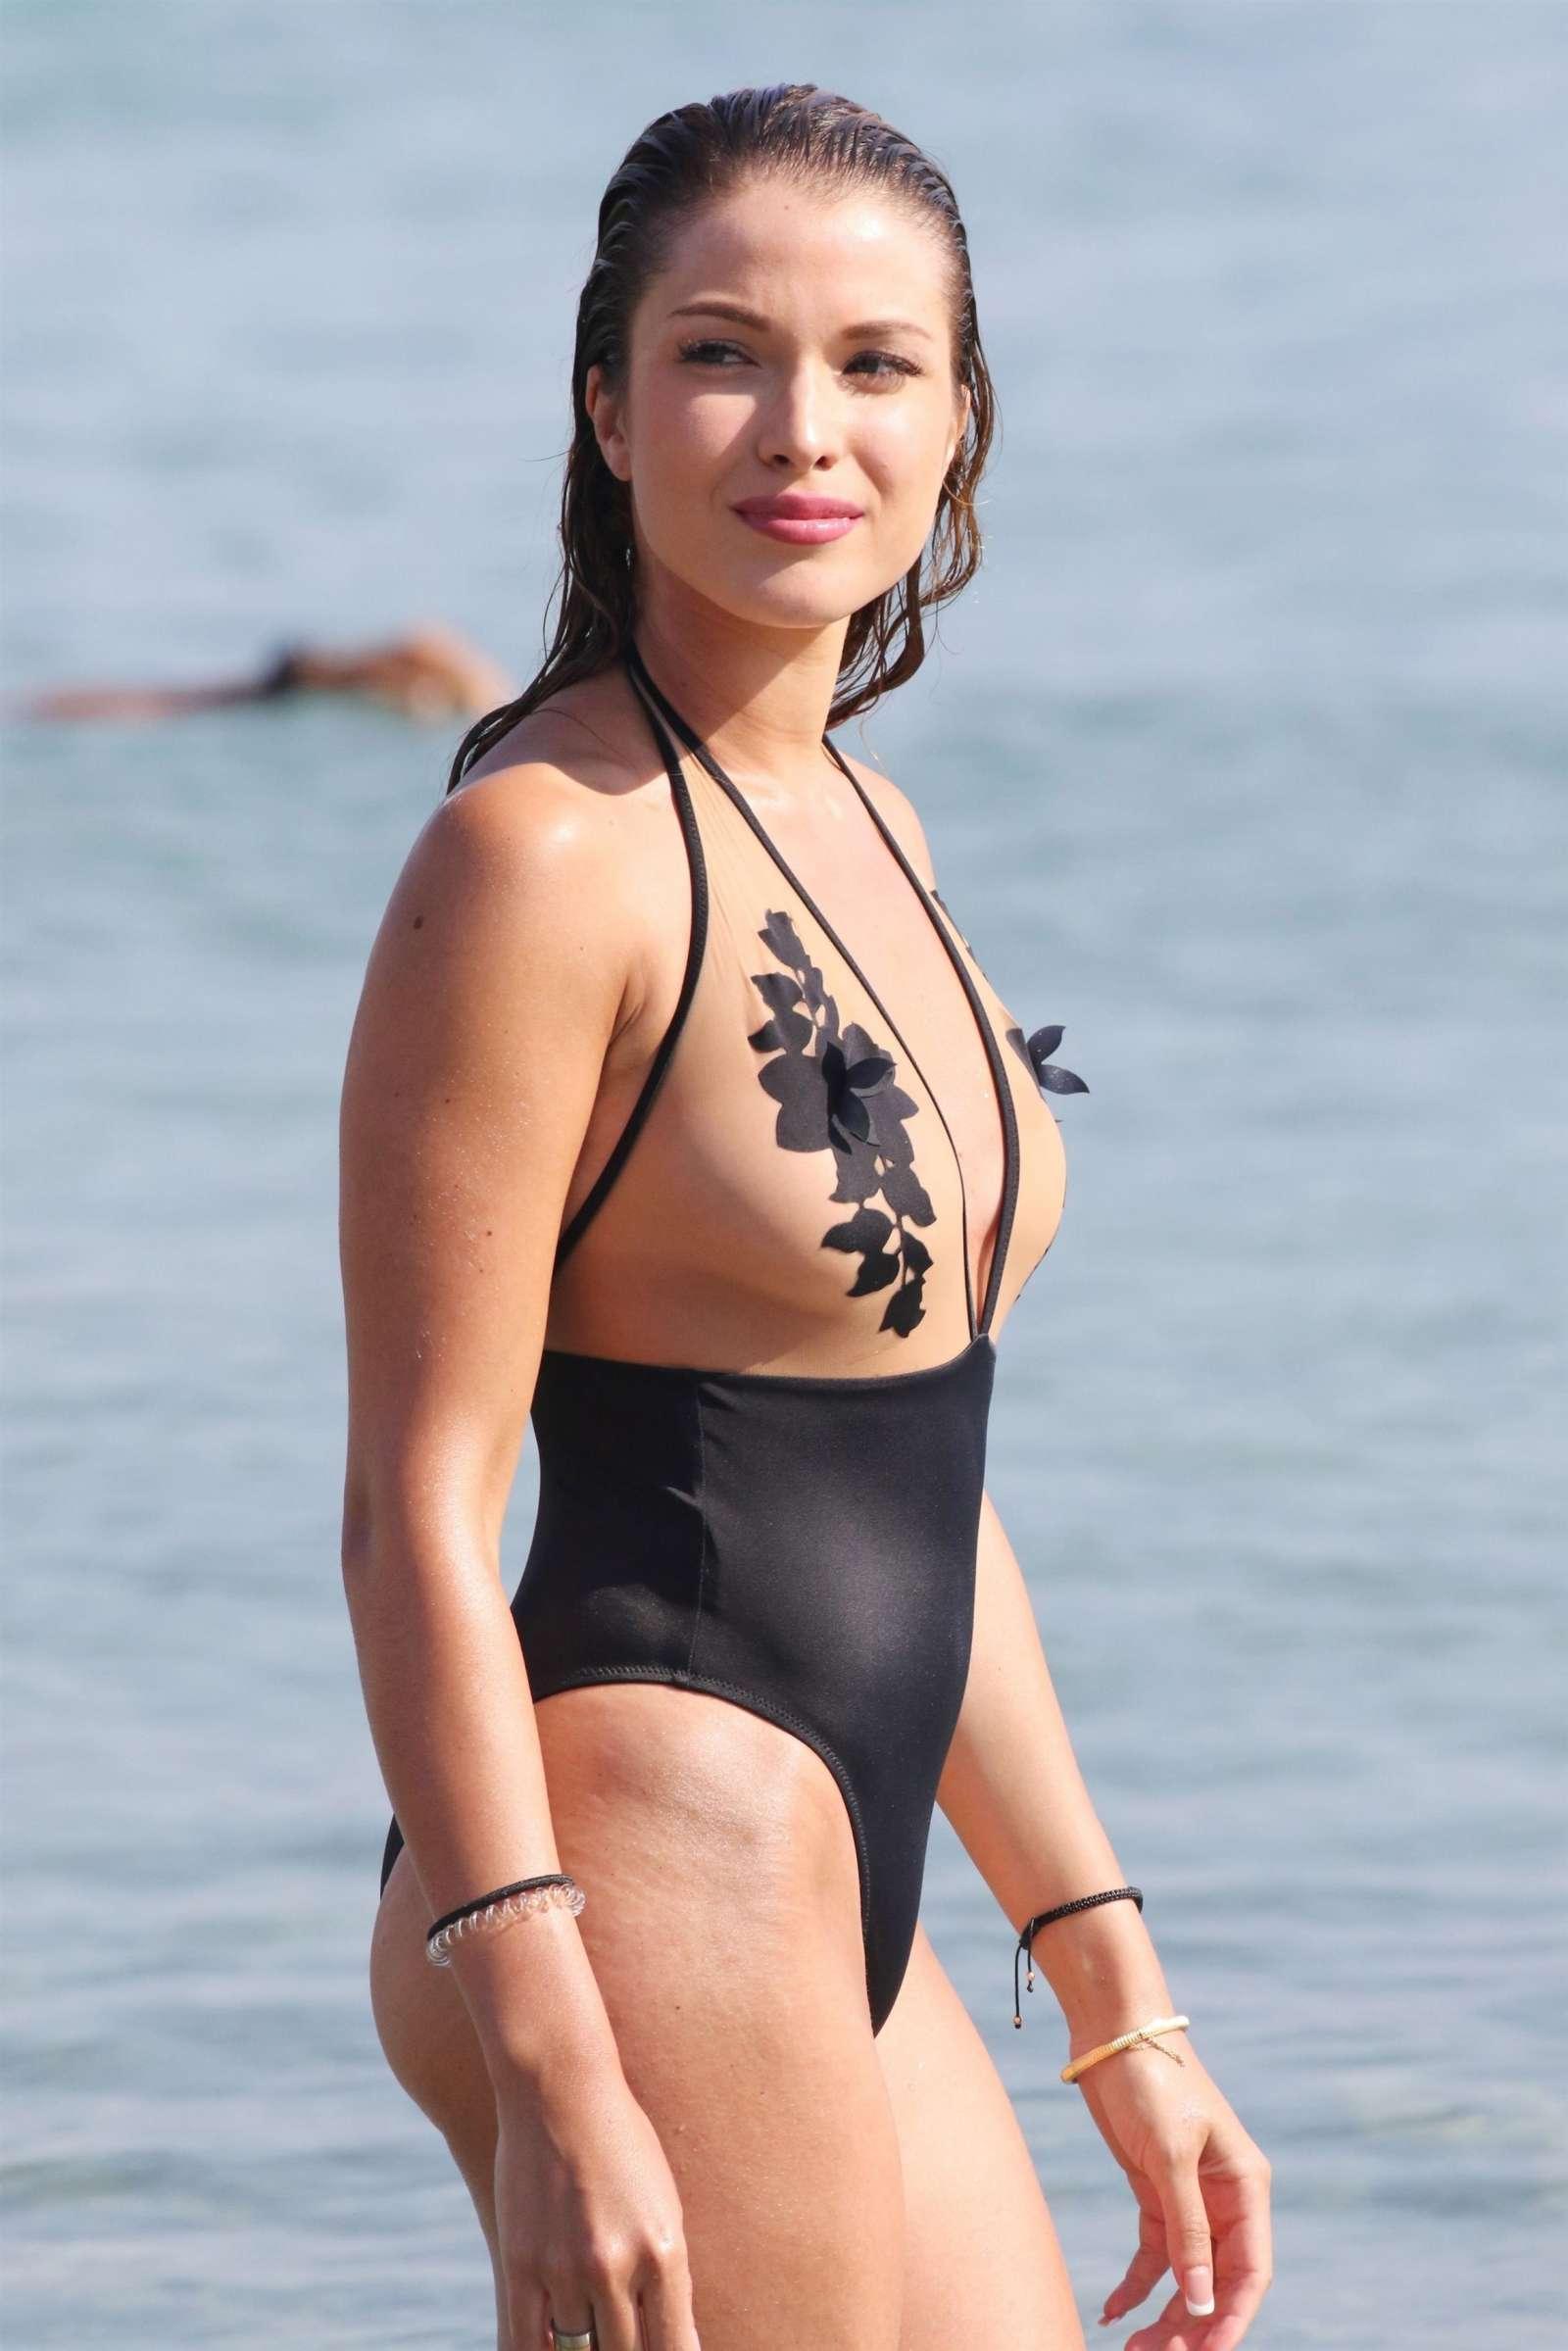 Catarina Sikiniotis